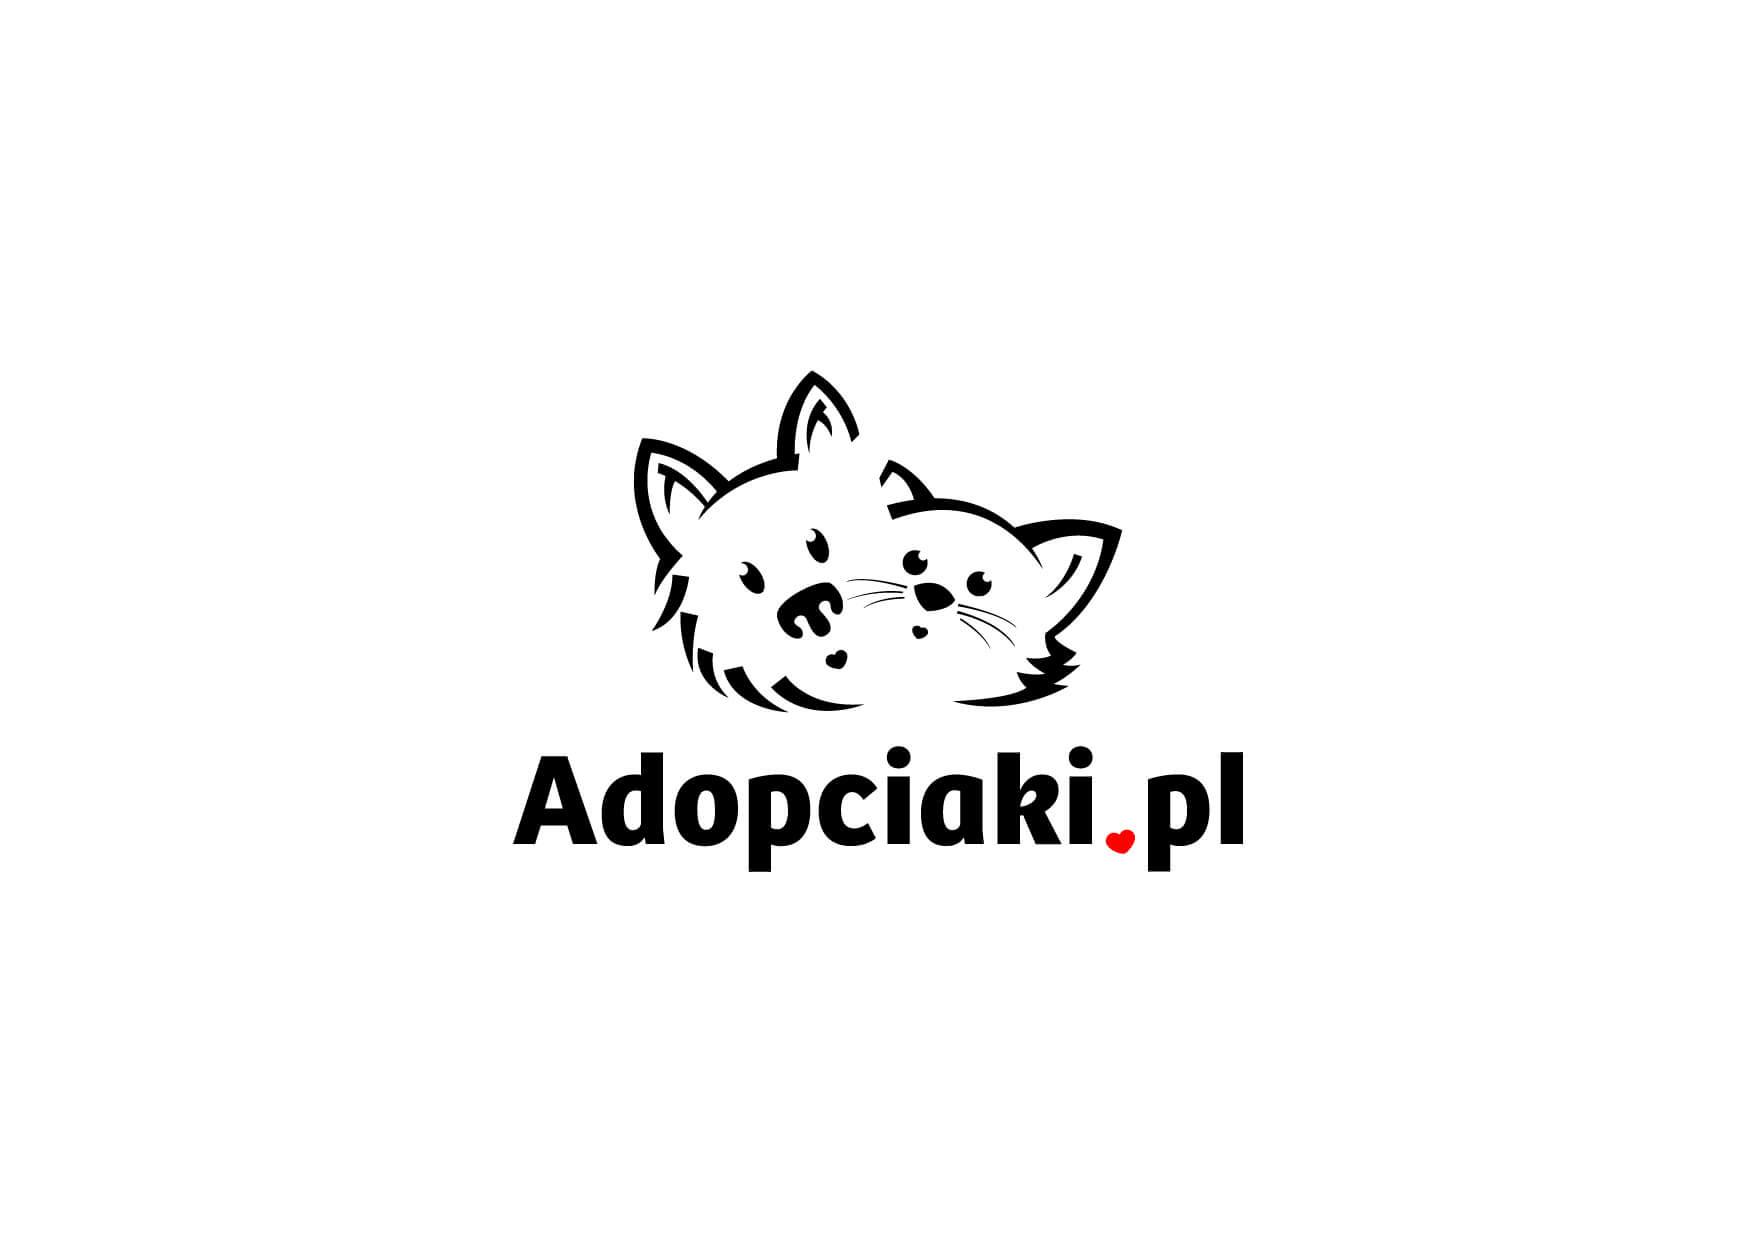 Logo Adopciaki.pl – Polska